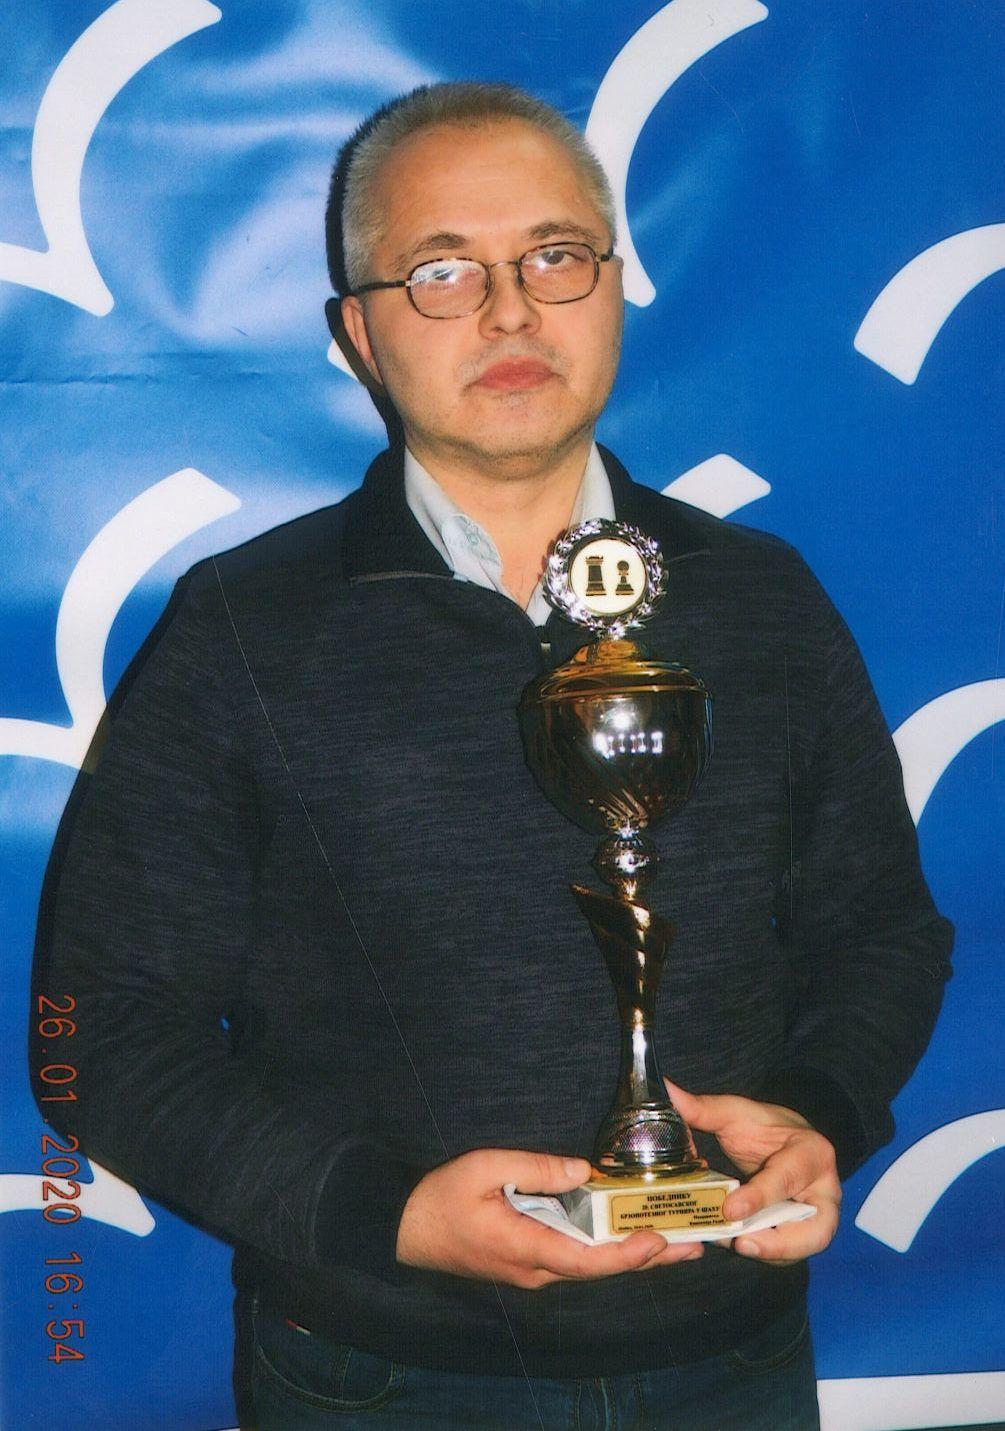 Празнични тријумф Маринковића